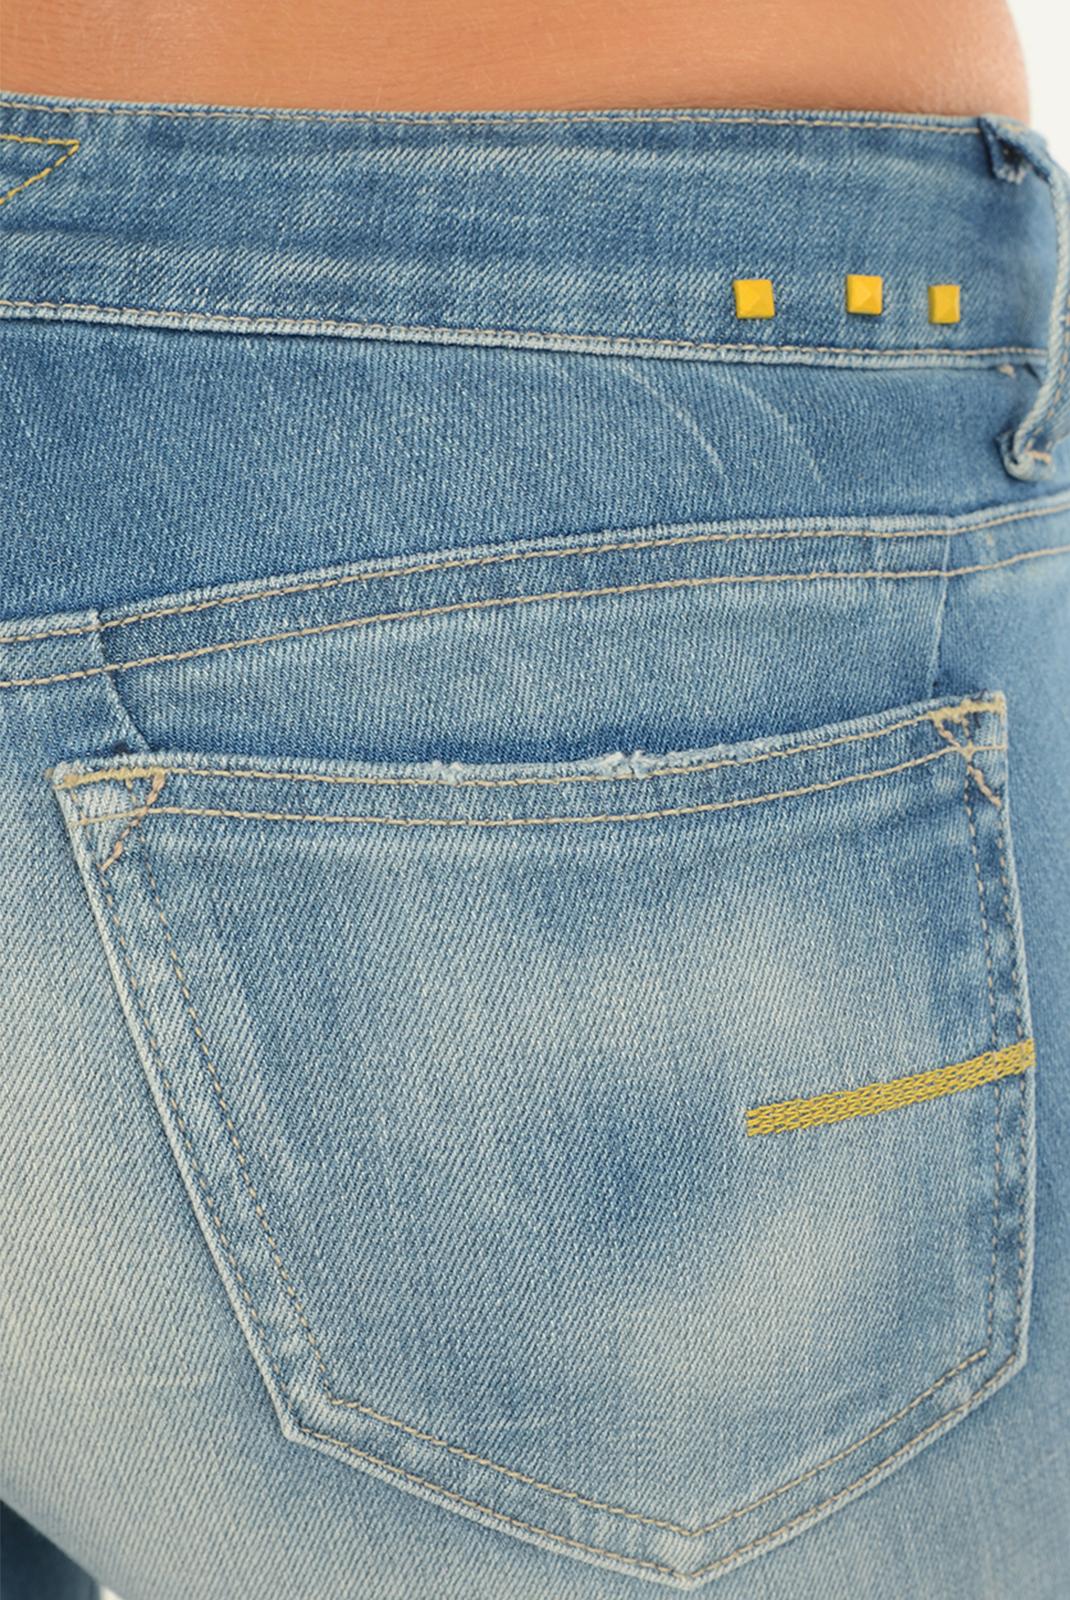 Jeans   Meltin'pot MAIA D1669 UB475 BS15 BLEU